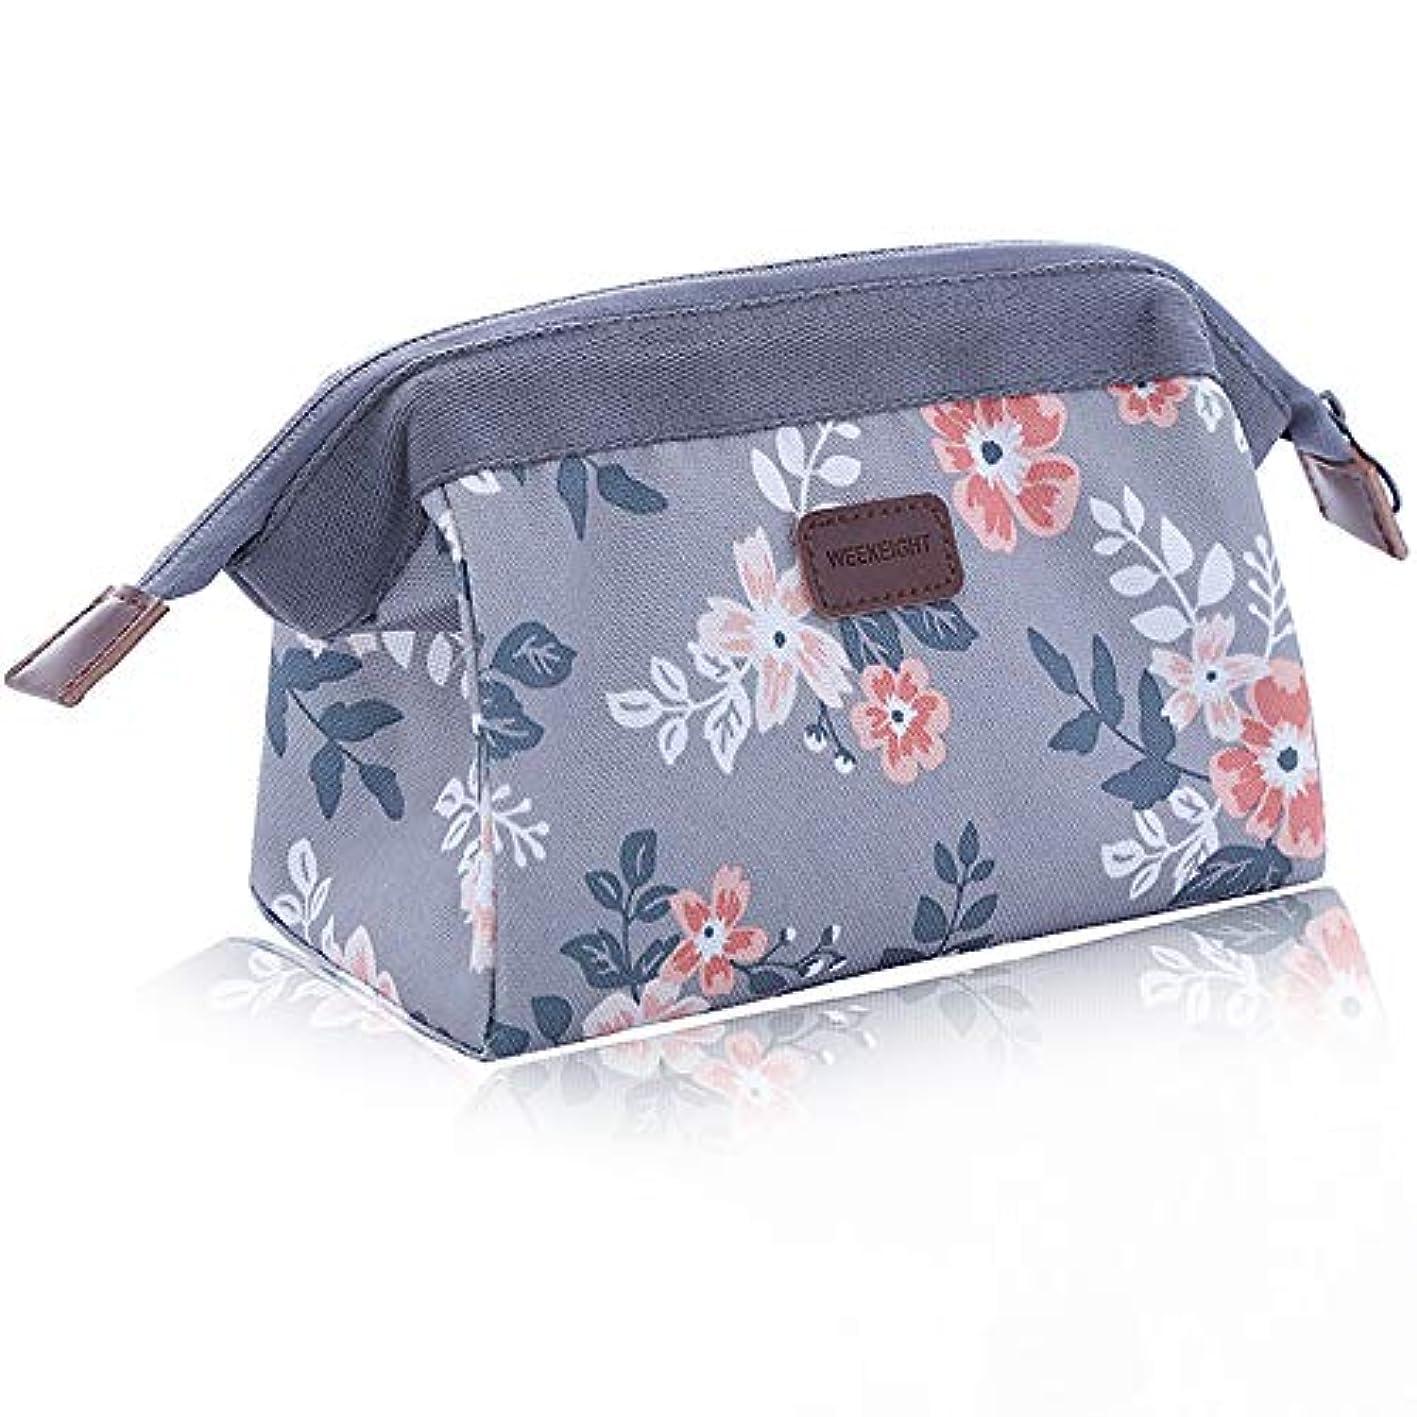 海外カビ調停する化粧ポーチ コスメバッグ  コスメポーチ メイクポーチ 機能的 大容量 化粧品収納 小物入れ 普段使い 出張 旅行 メイクバッグ 化粧バッグ(グレー)